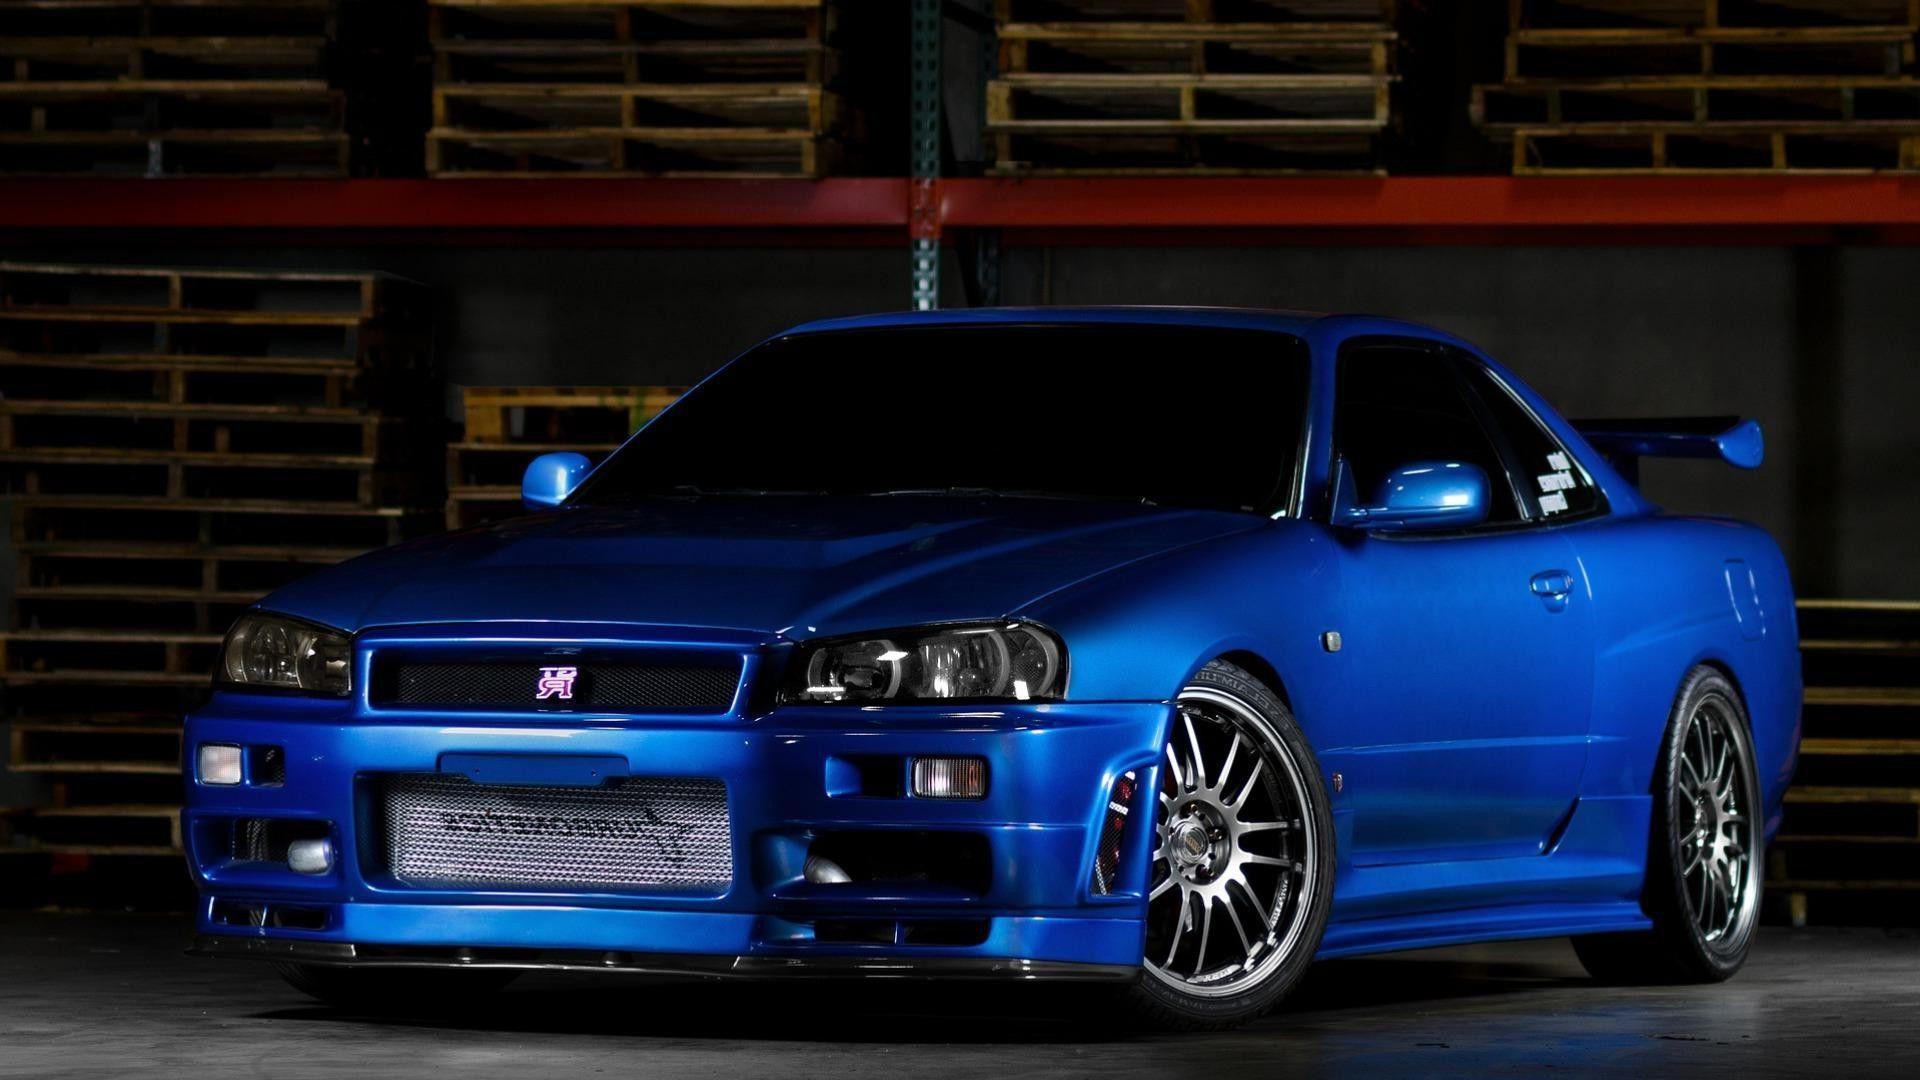 Nissan Skyline Gtr Wallpapers Blue Wallpaper Cave